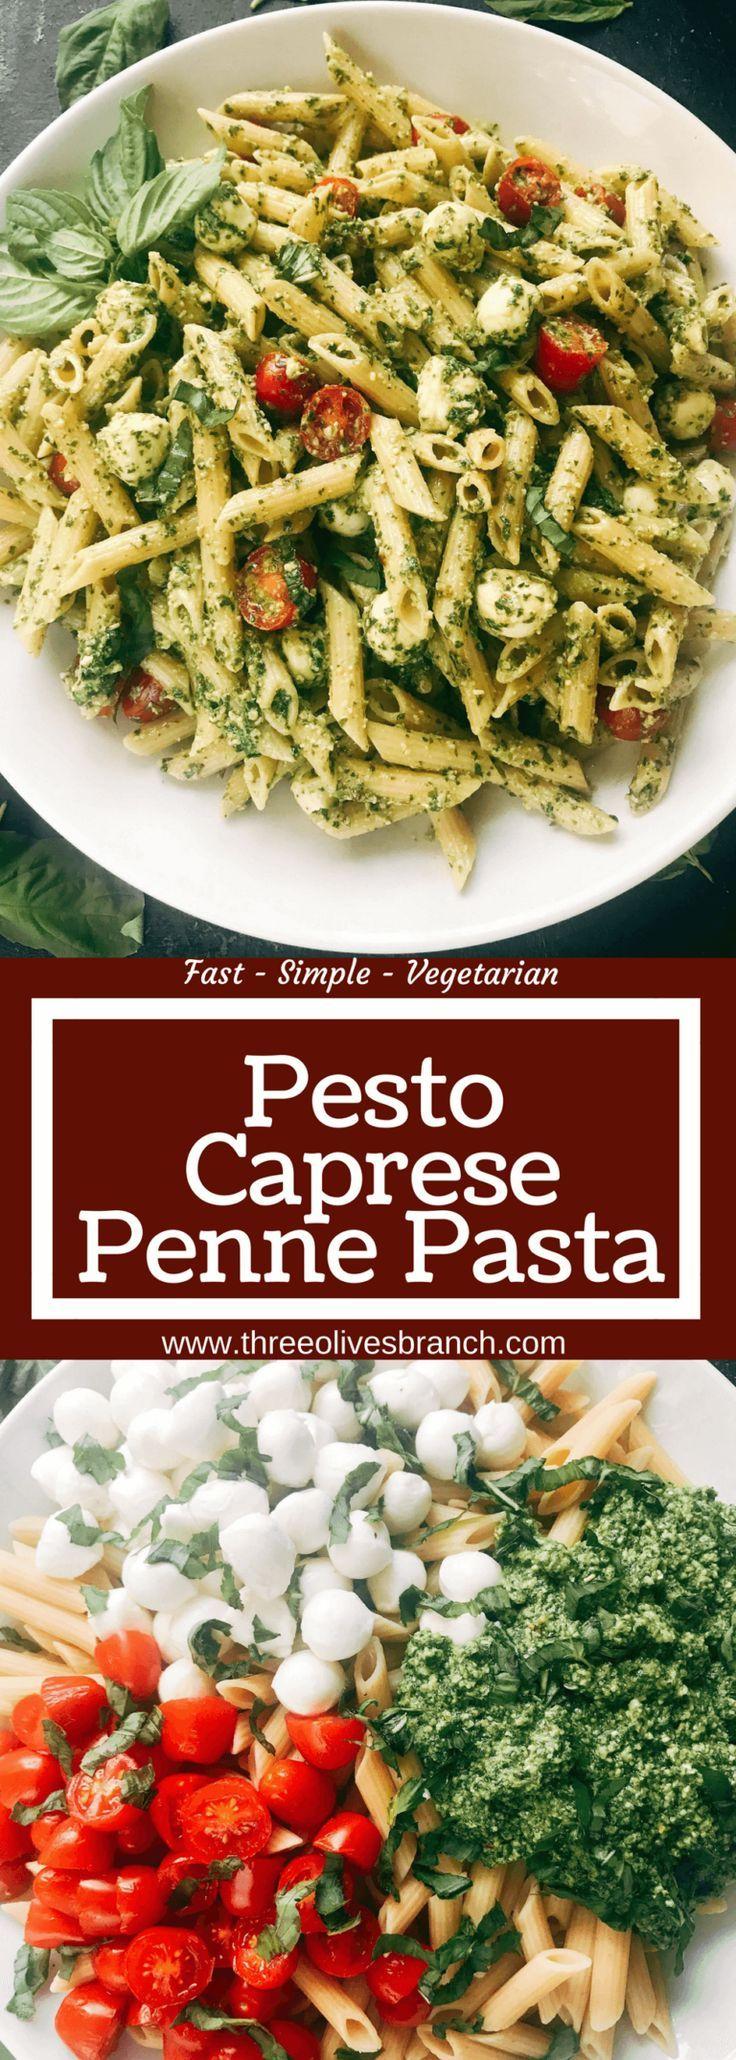 Pesto Caprese Penne Pasta images